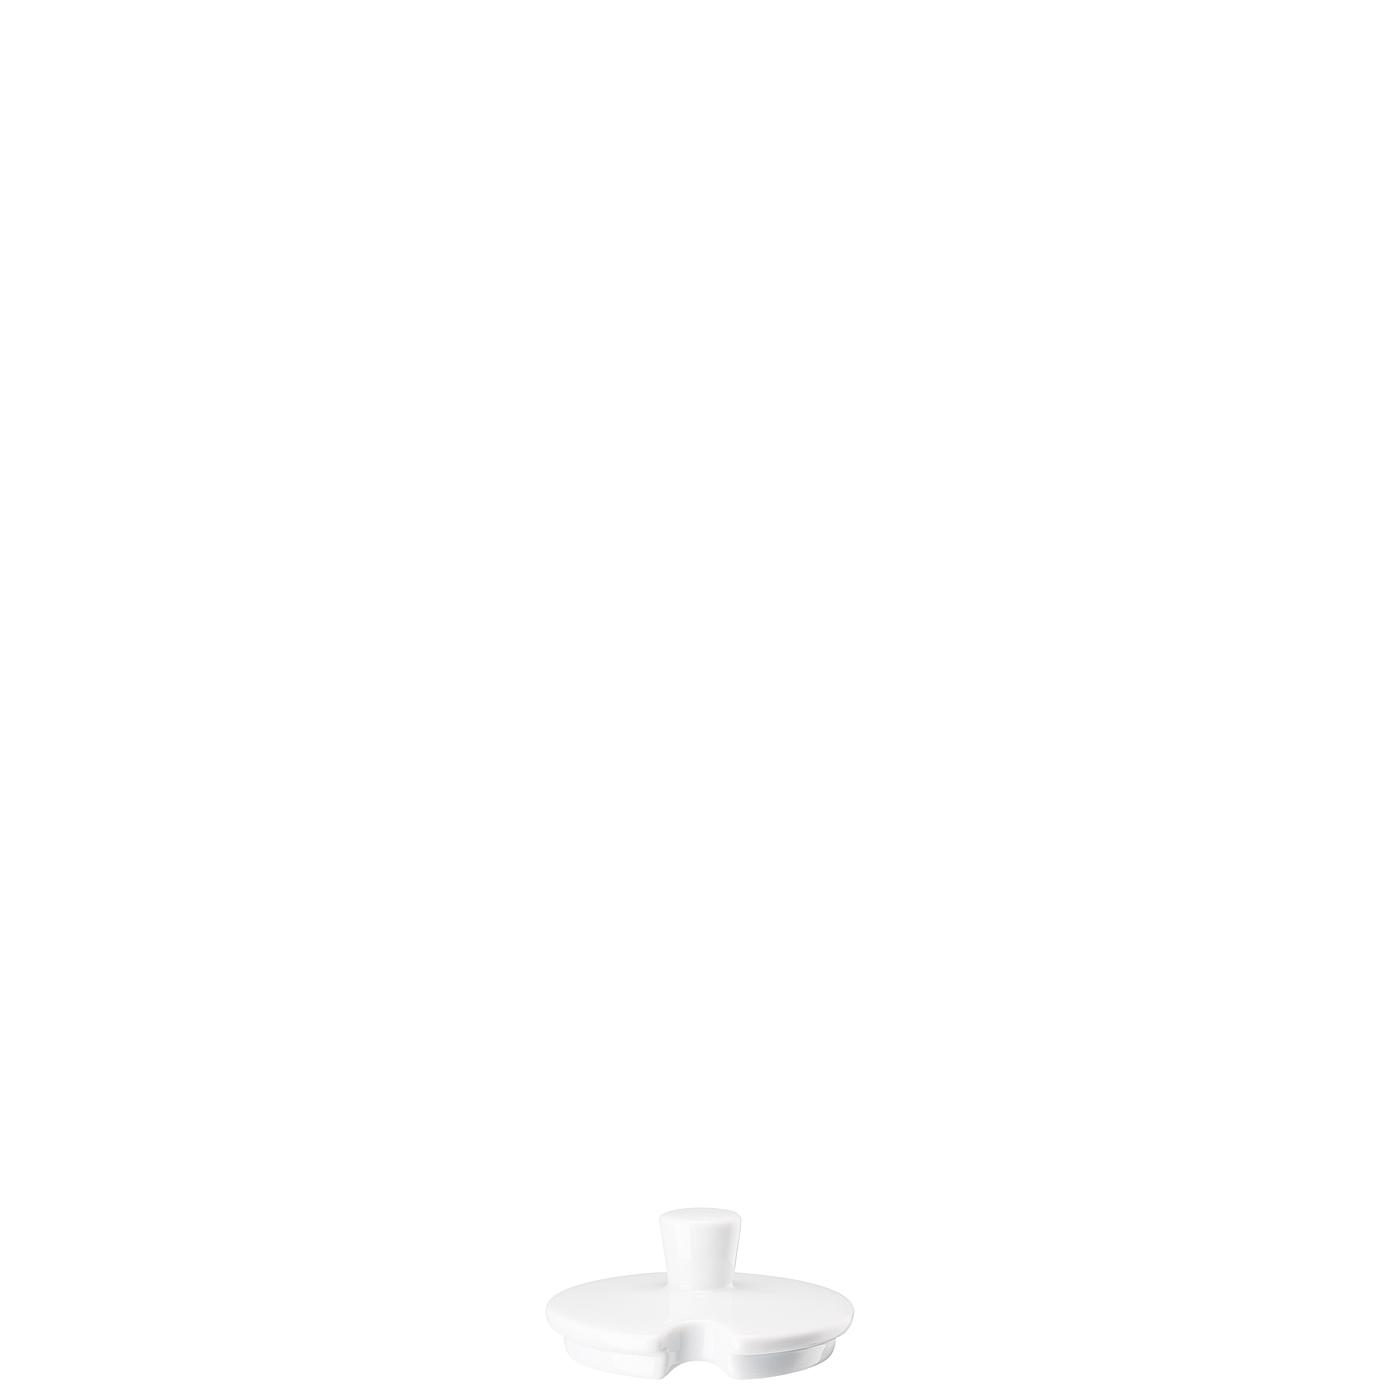 Zucker-/Marmeladendose 6 P. Deckel Tric Weiss Arzberg